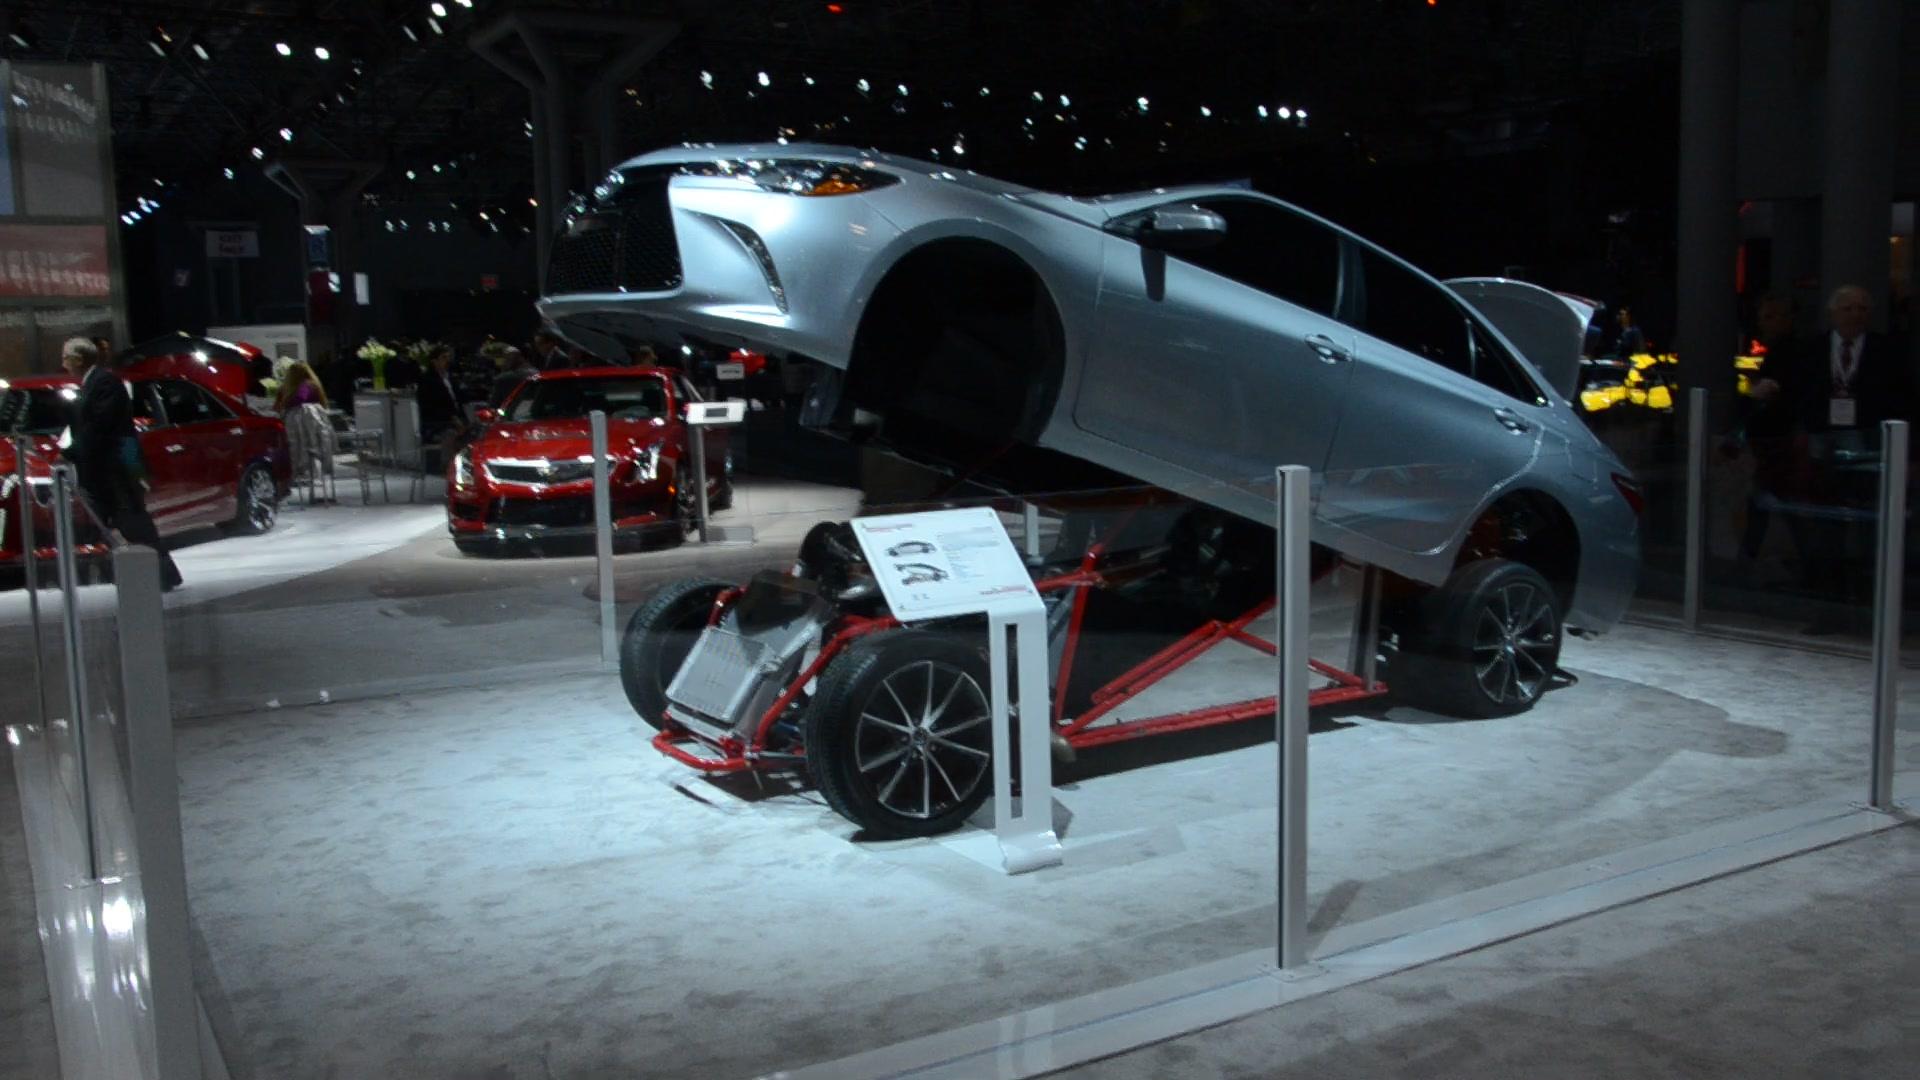 E B Fd D V on Nascar Electric Race Cars